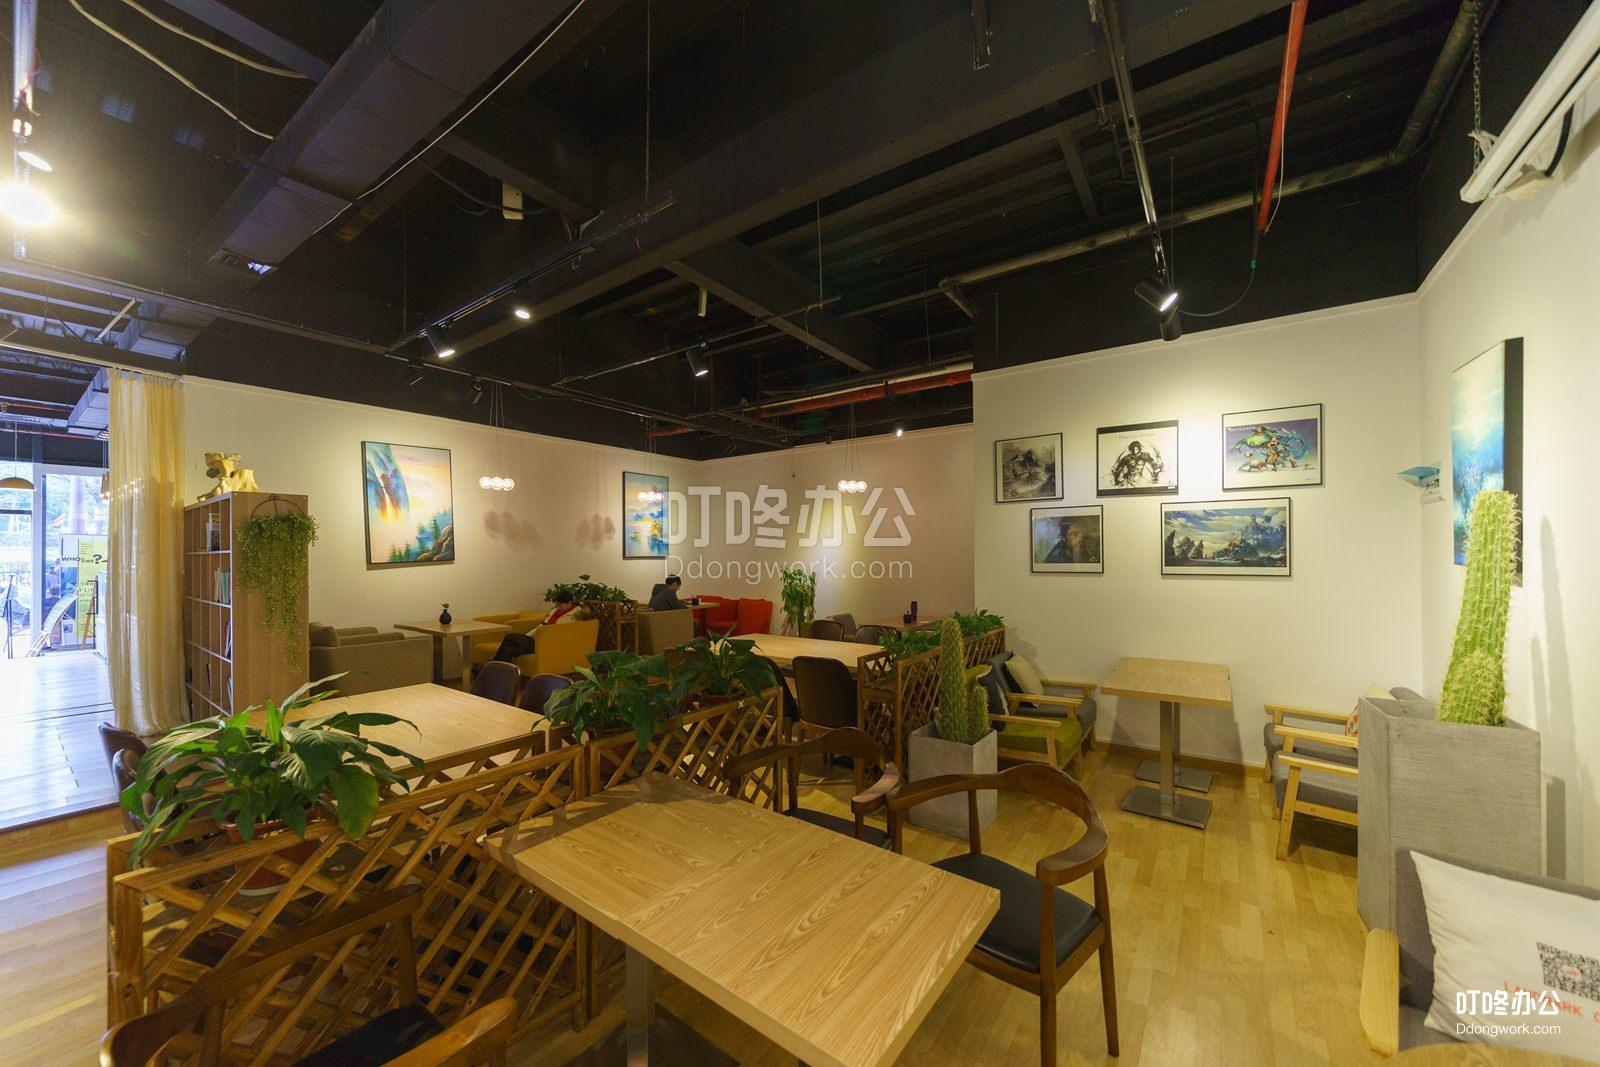 蓝马创业 · 蓝马创业中心公共区域